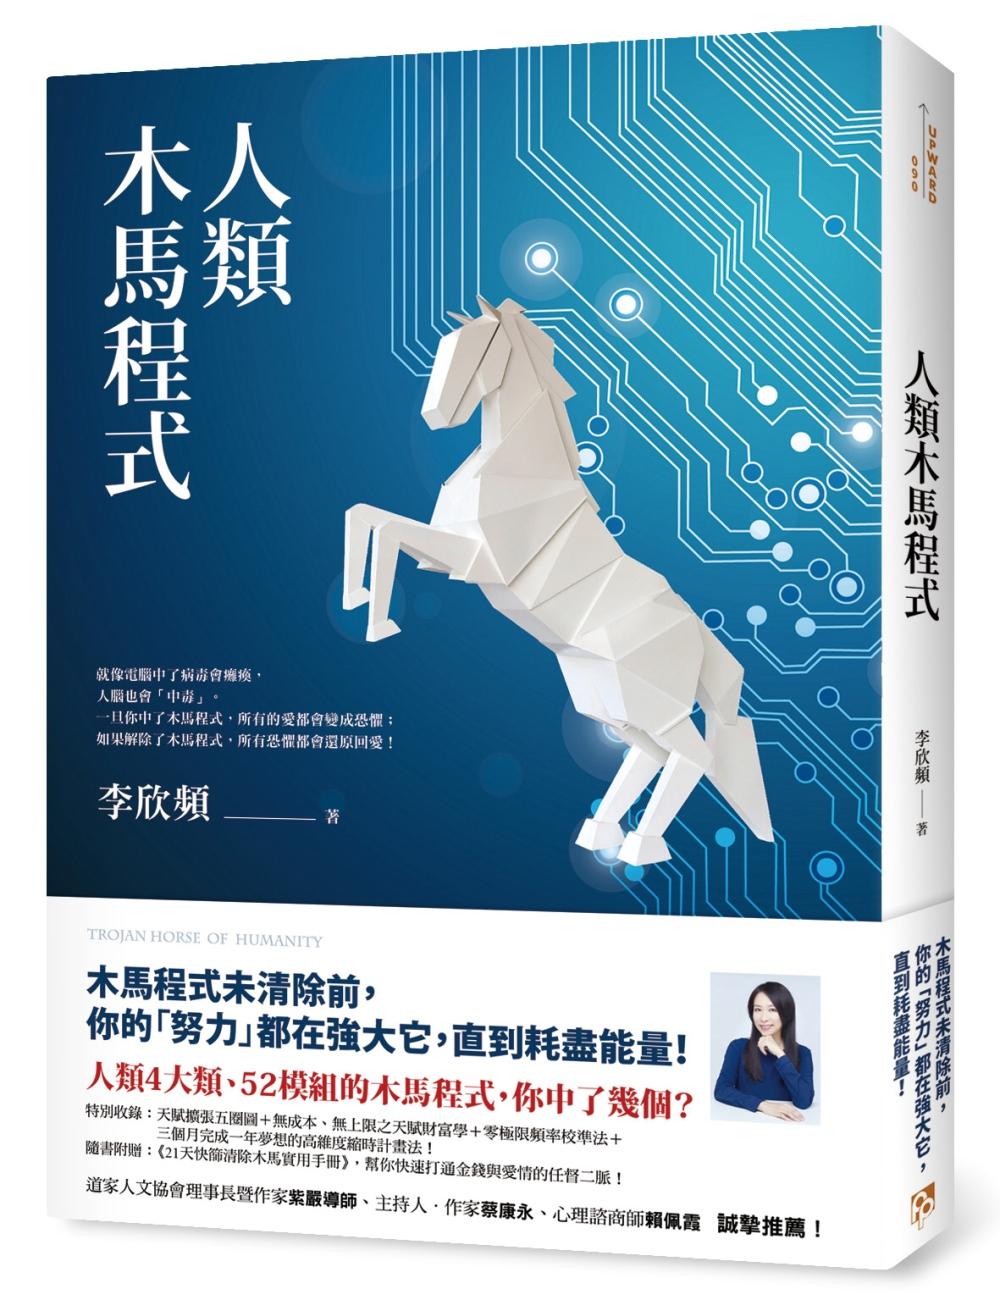 人類木馬程式:隨書附贈《21天快篩清除木馬實用手冊》,幫你快速打通金錢與愛情的任督二脈!